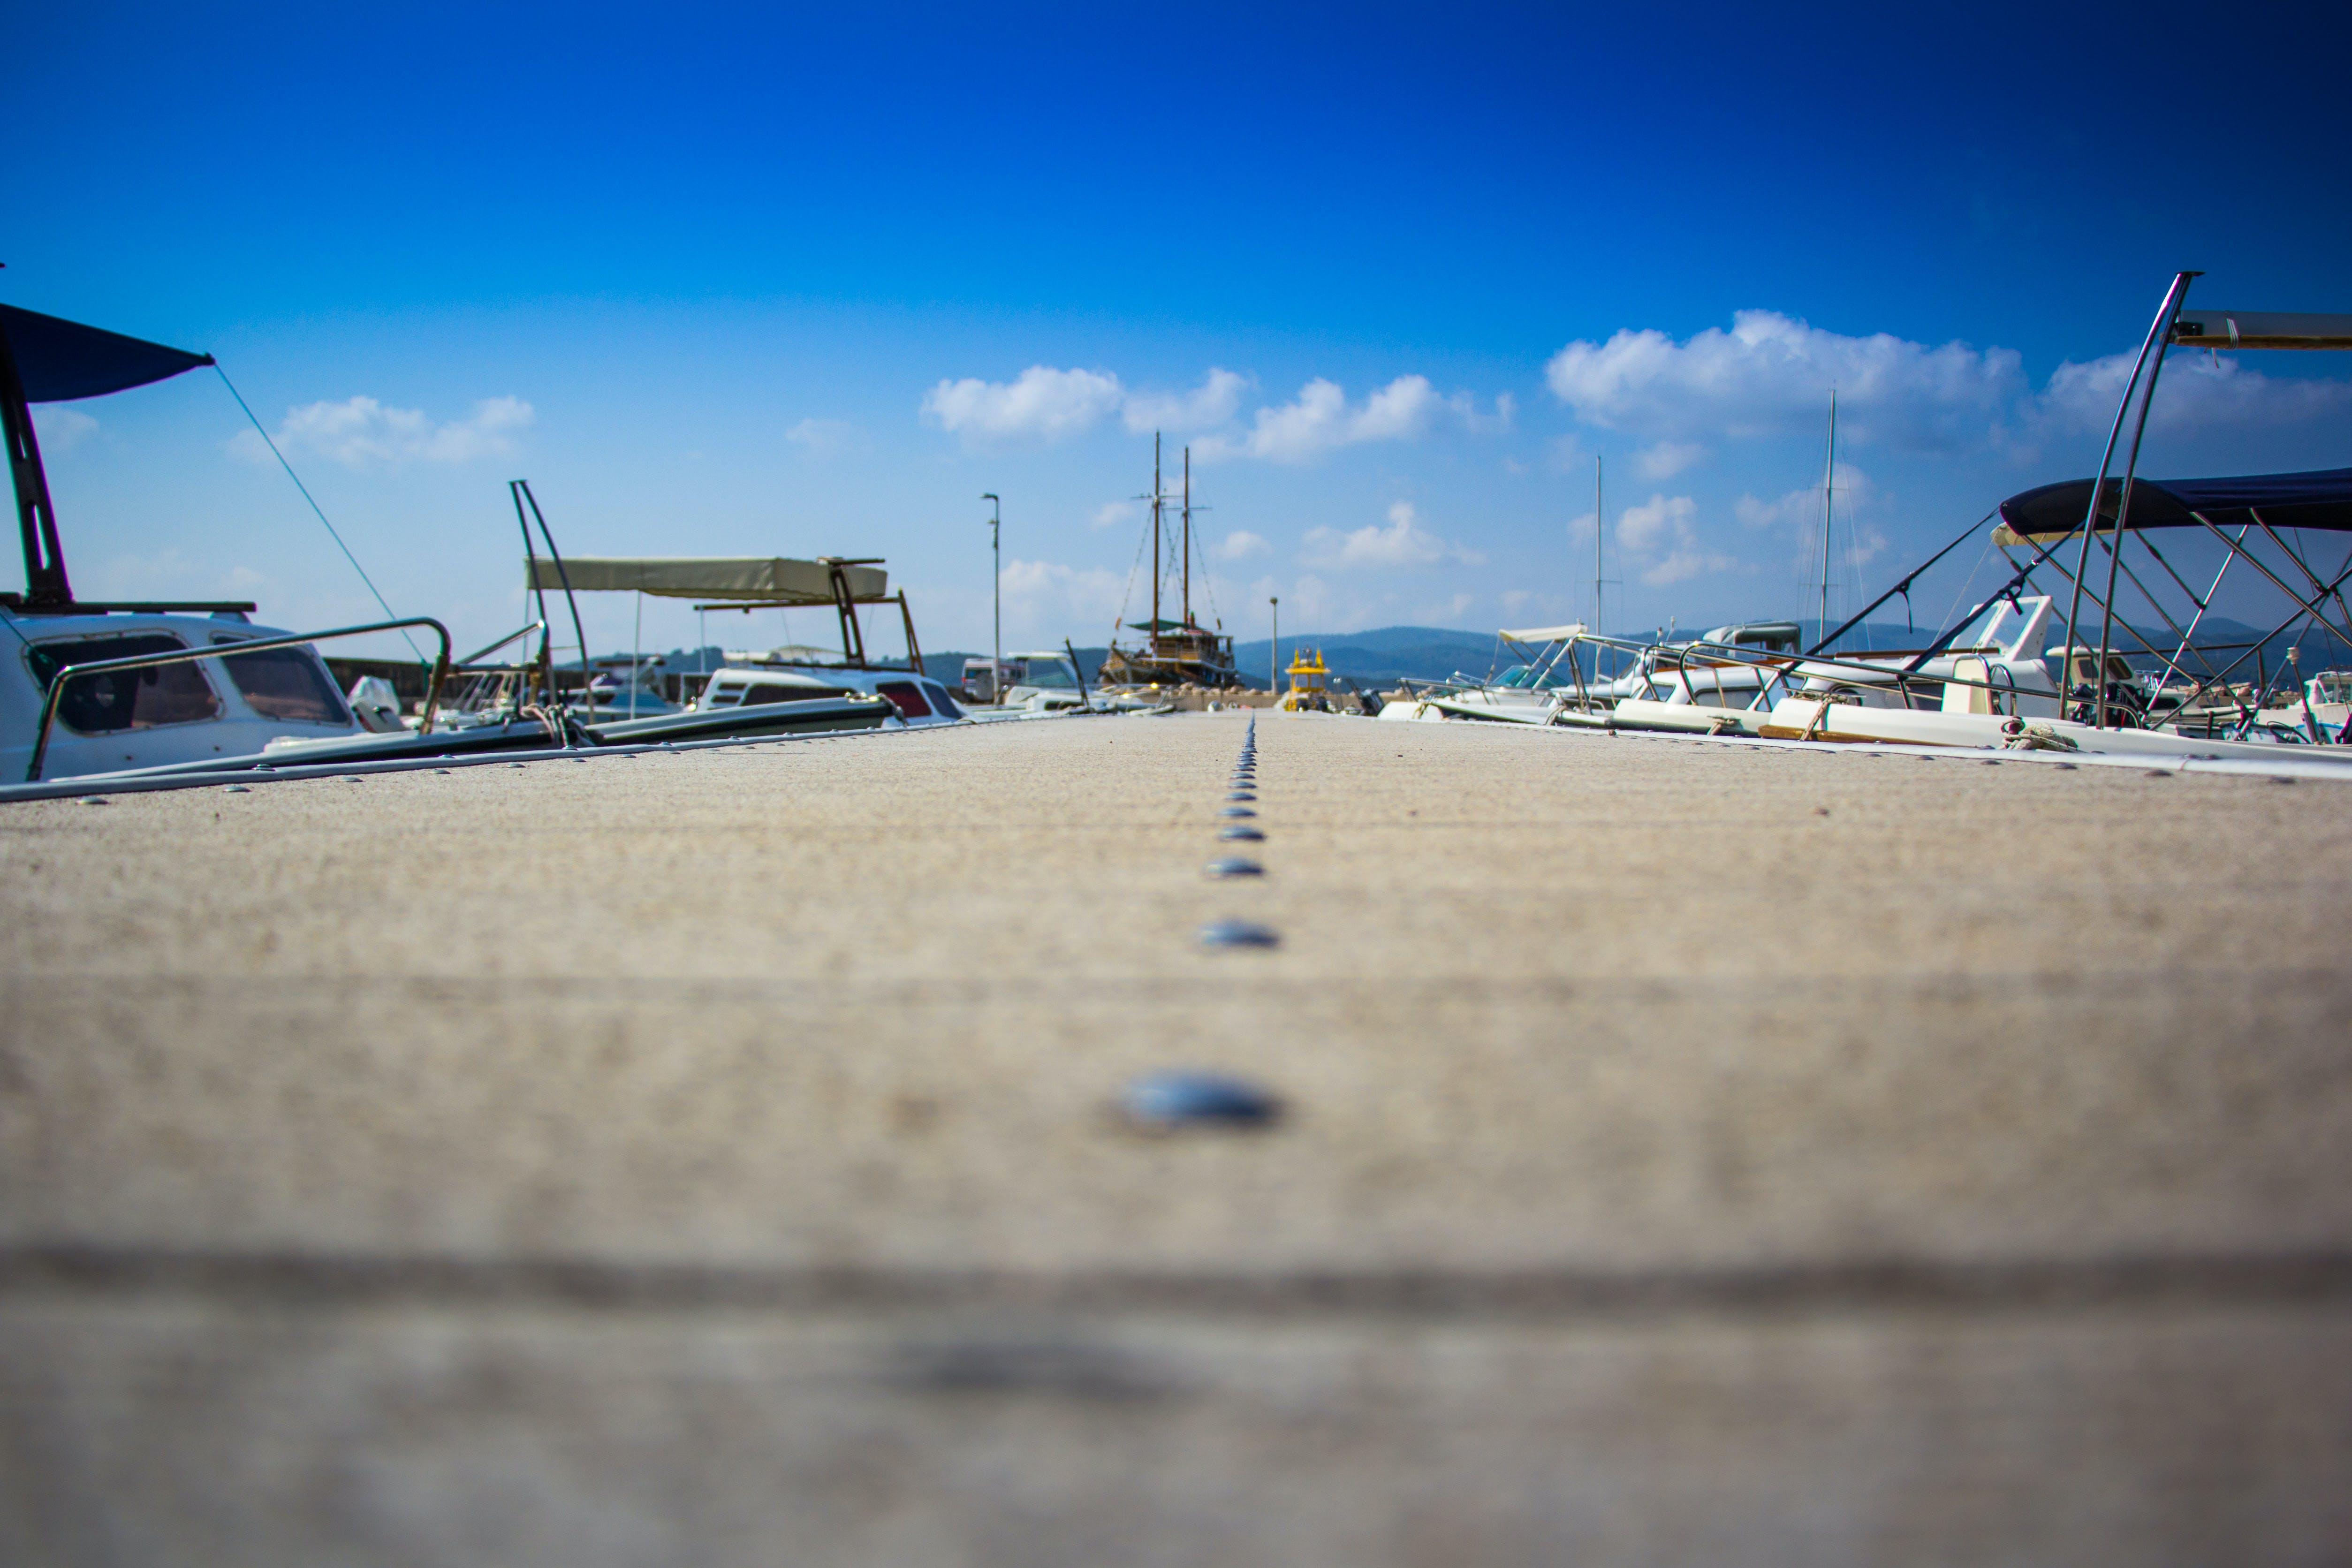 Empty Boardwalk of Ship Dock